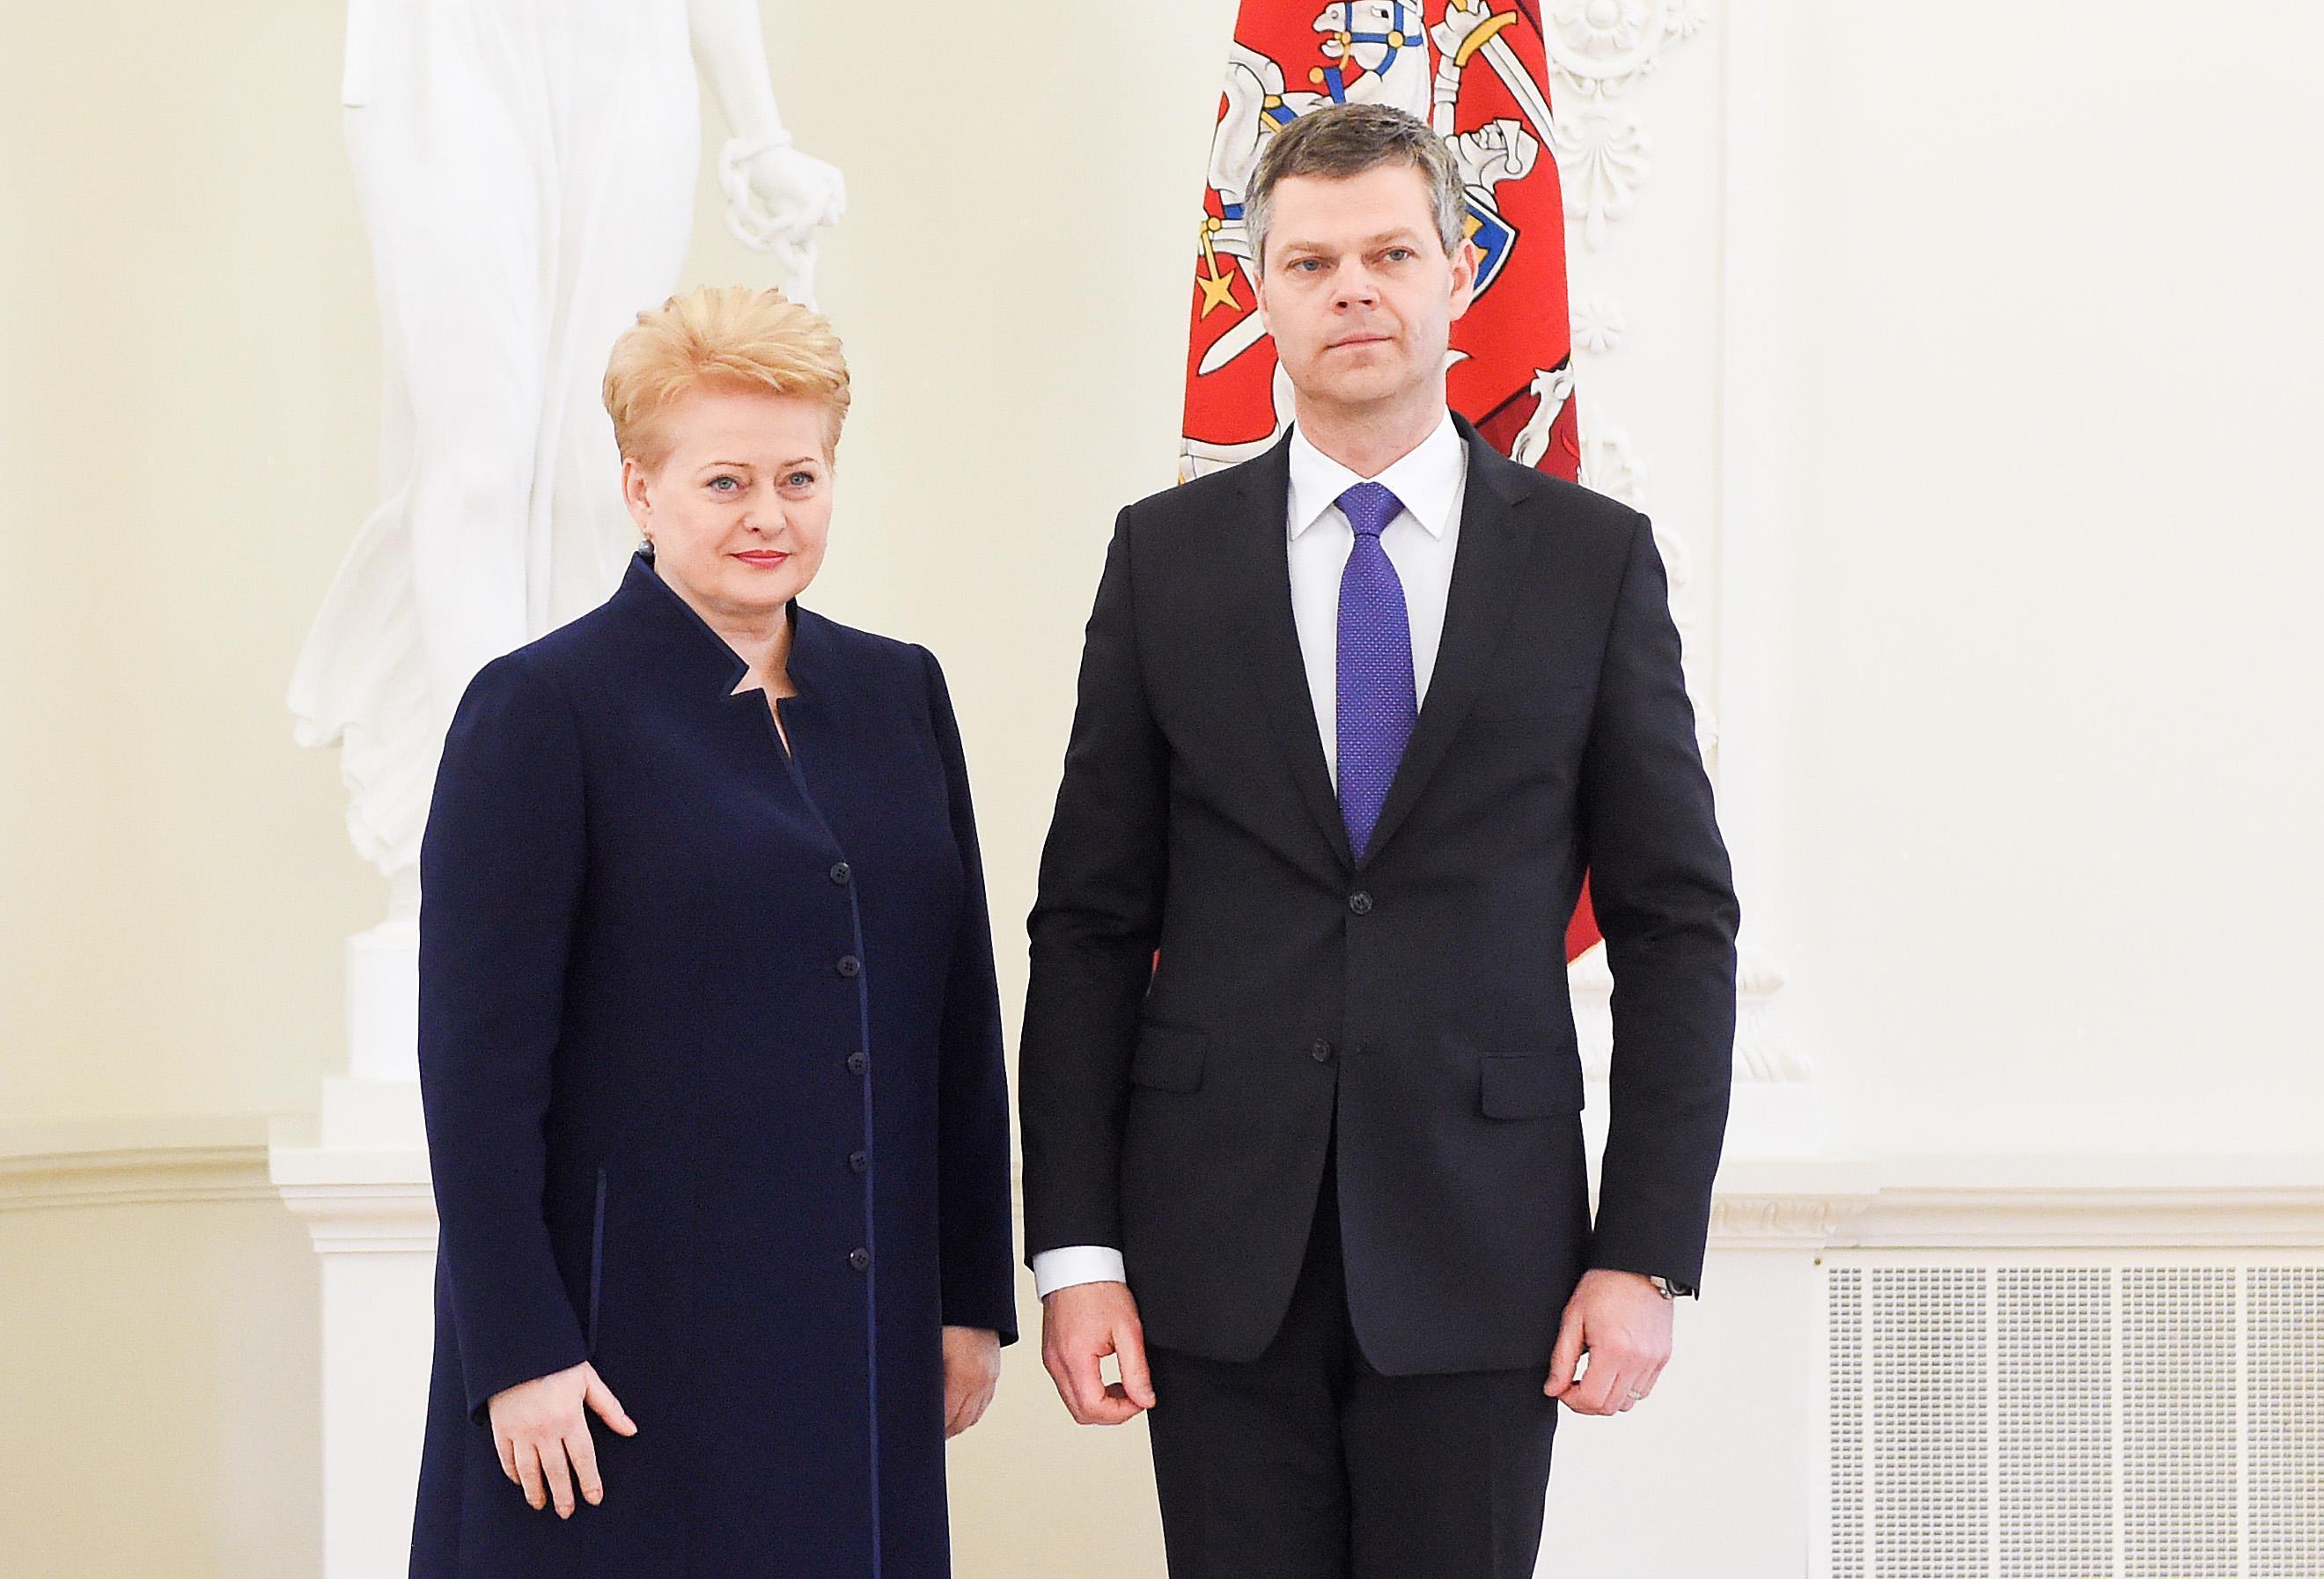 ПосолРФ вызван вМИД Литвы